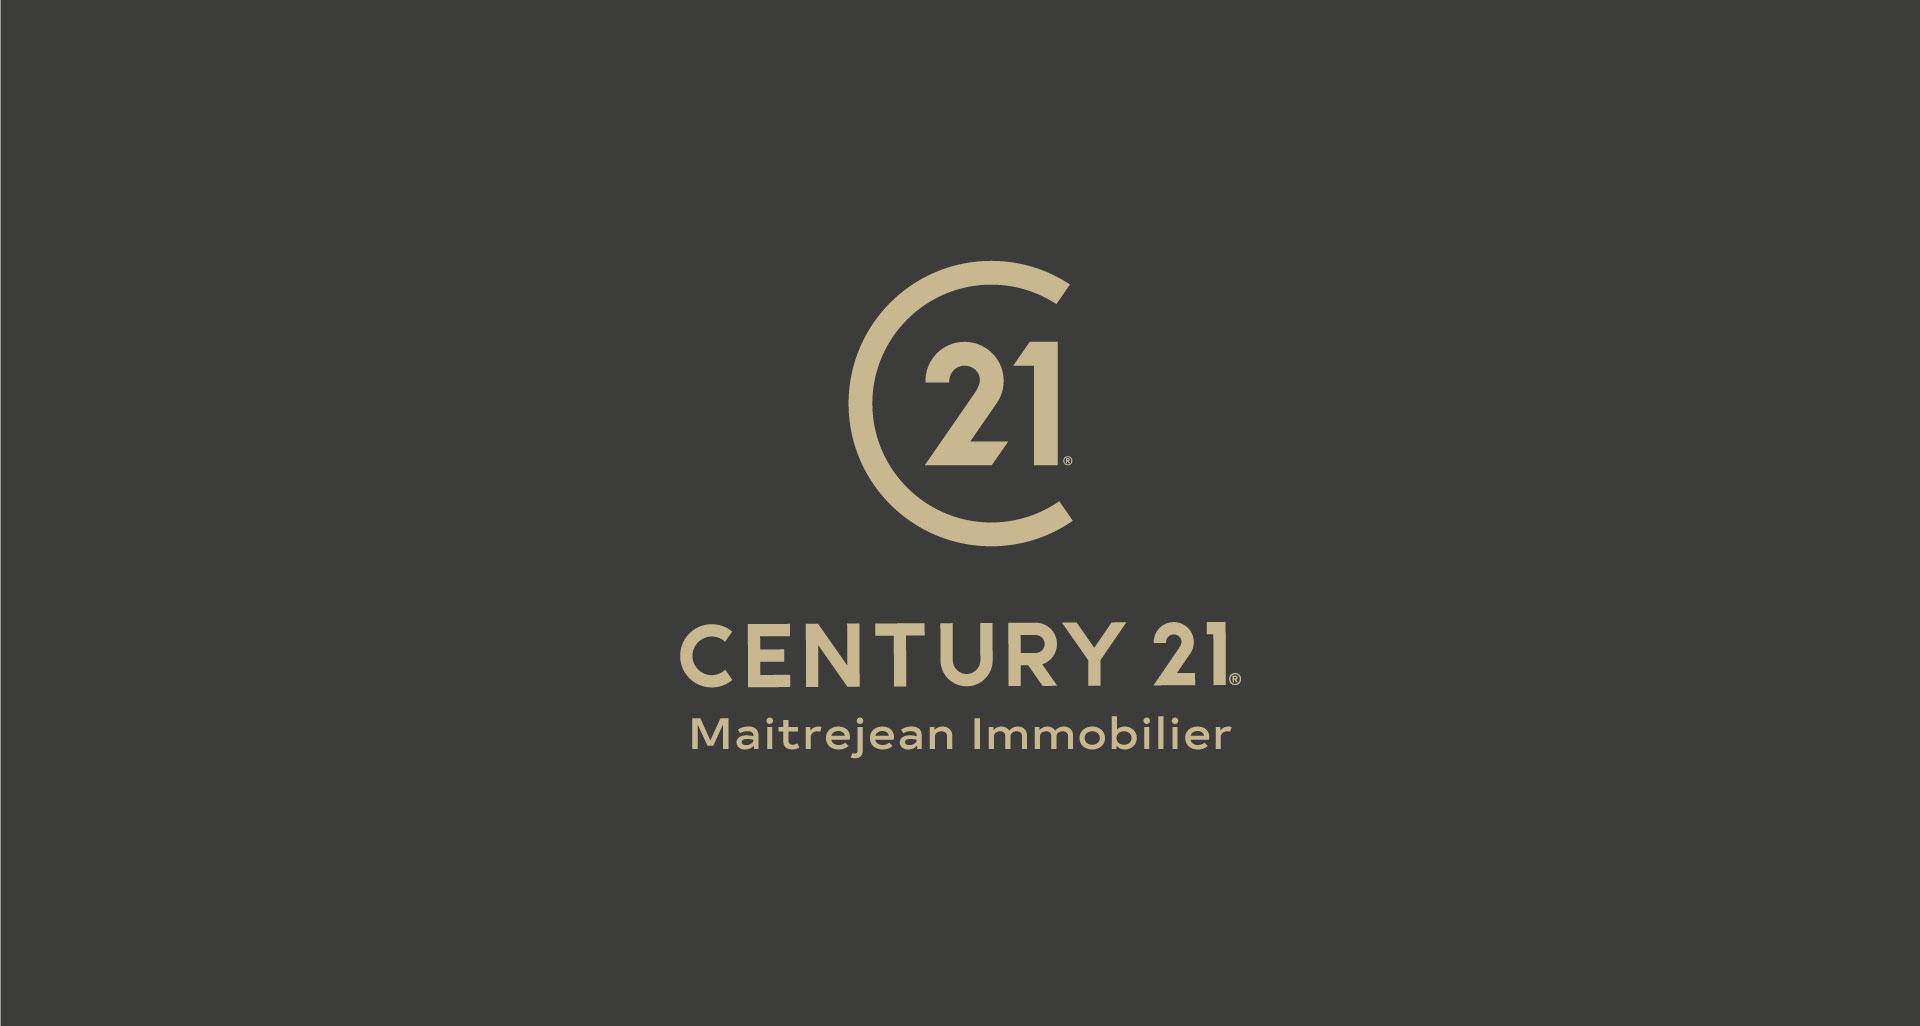 Projet pourCentury 21 Maitrejean immobilier par l'agence Cassian